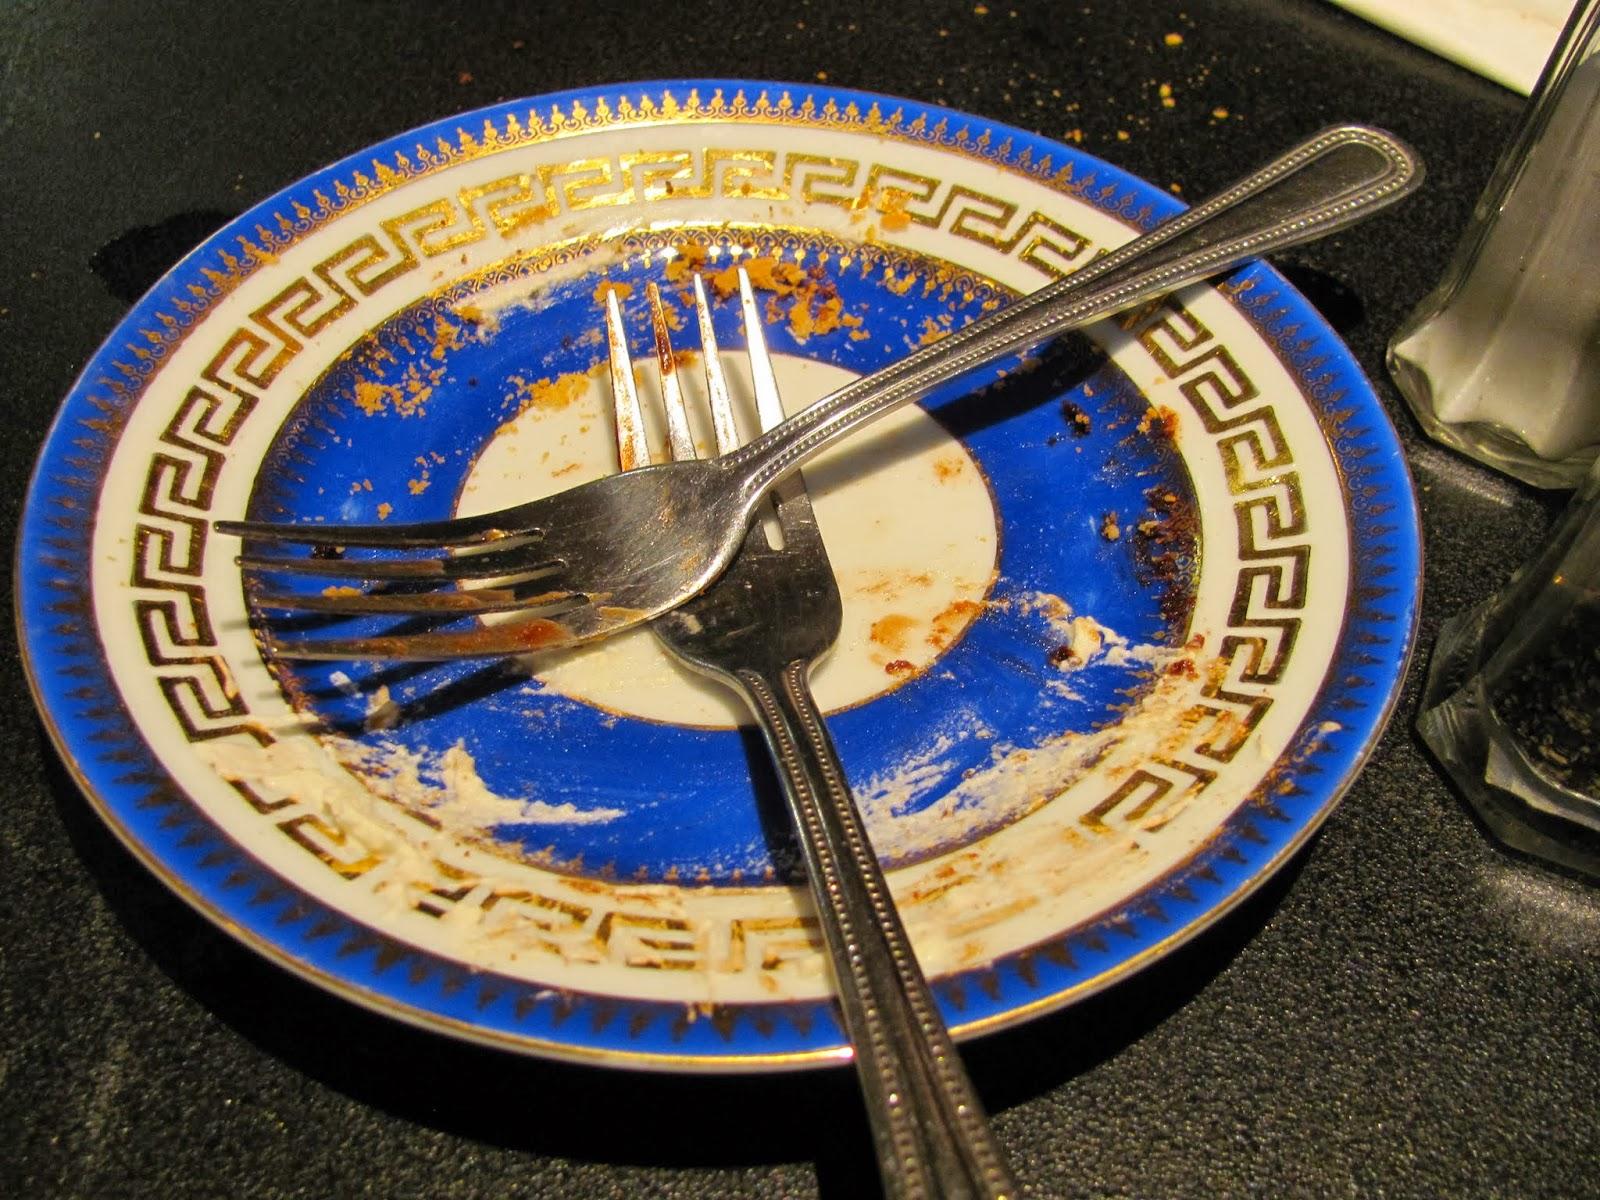 An empty plate at Queen of Tarts Dublin, Ireland